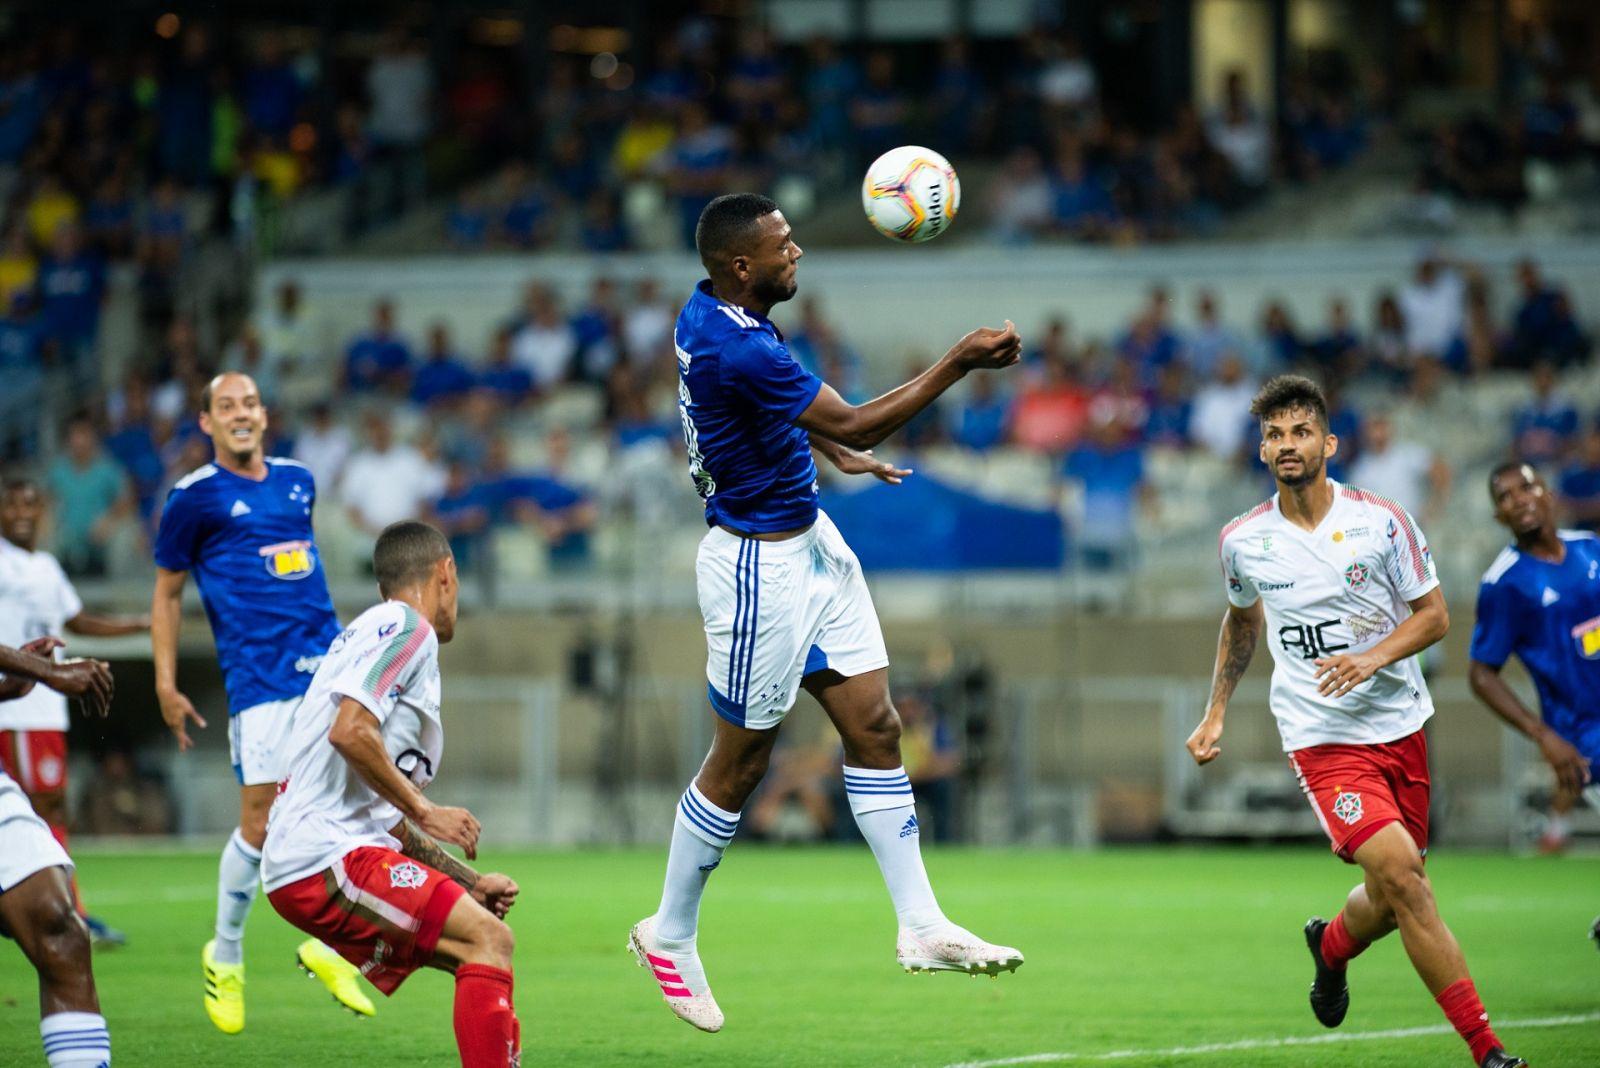 Cruzeiro vence Boa Esporte com jovens jogadores (Foto: Cruzeiro/Duvulgação)